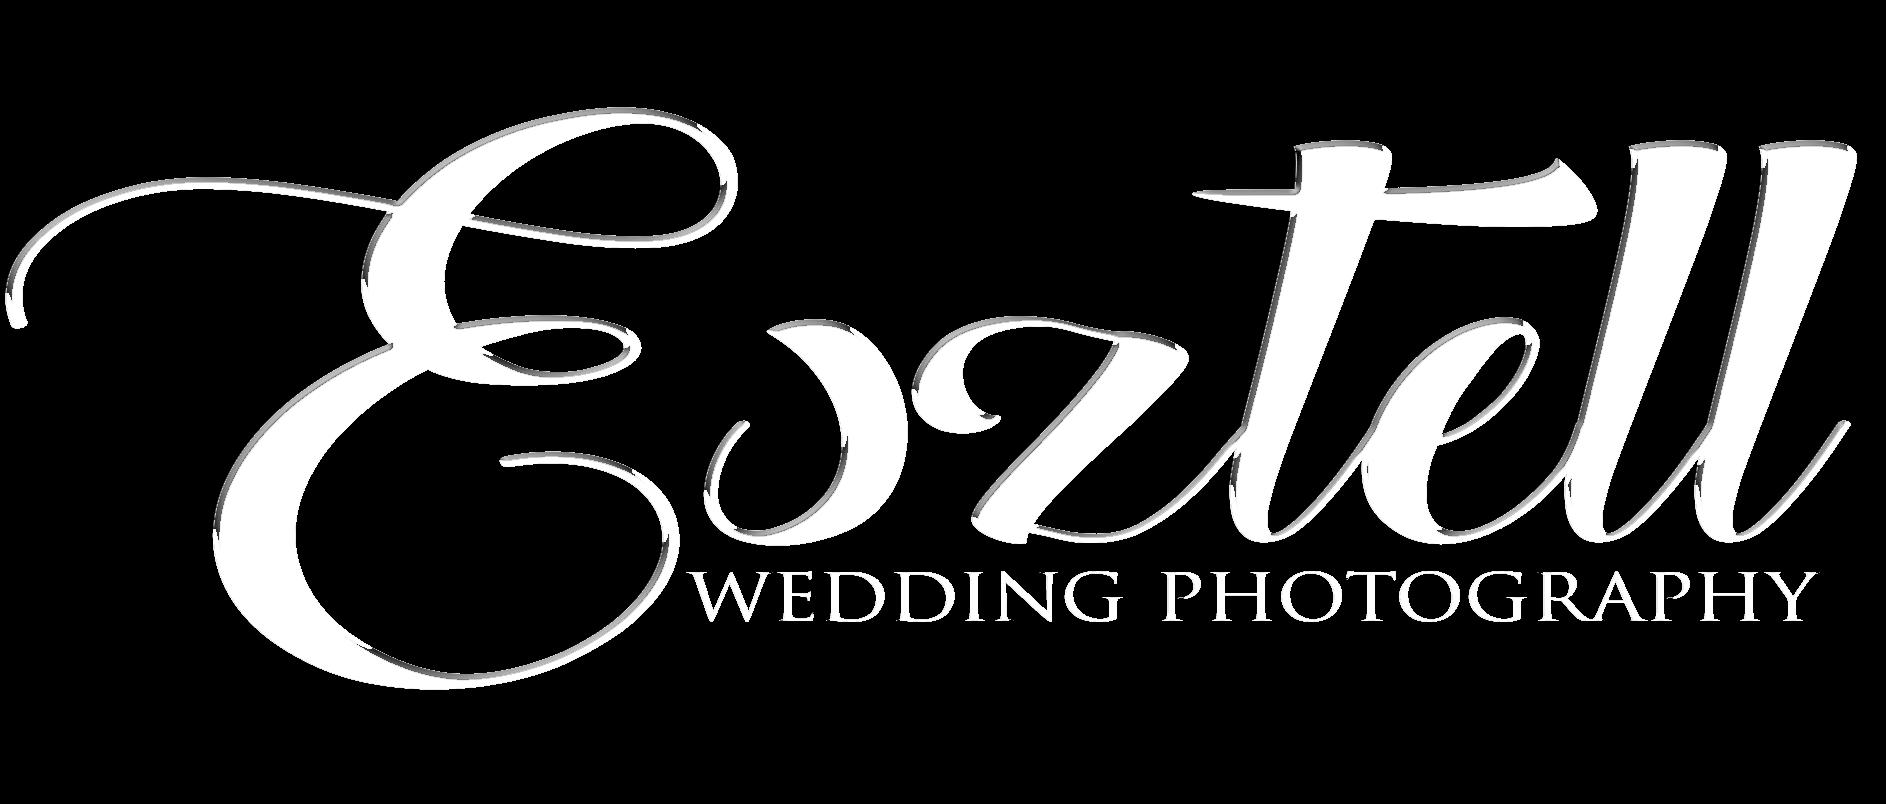 Esztell Wedding